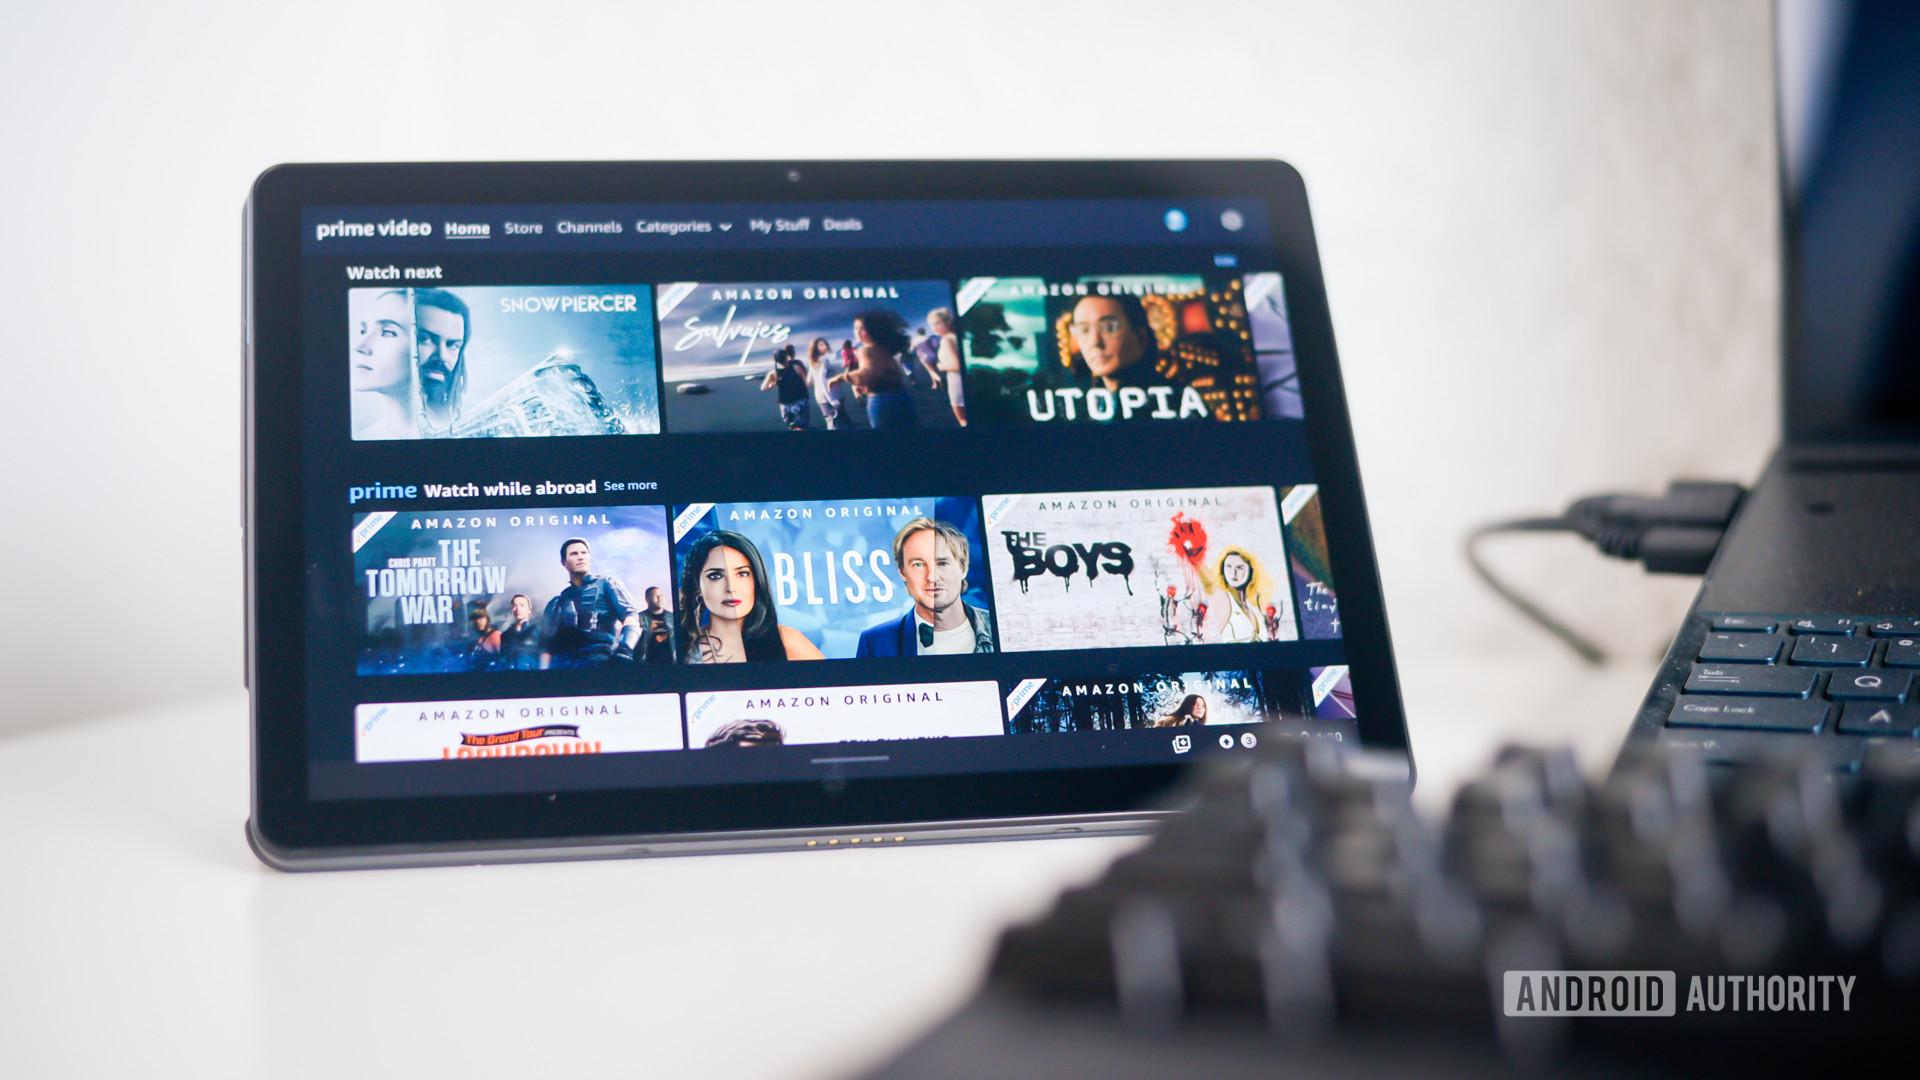 Amazon Prime Video stock image 4